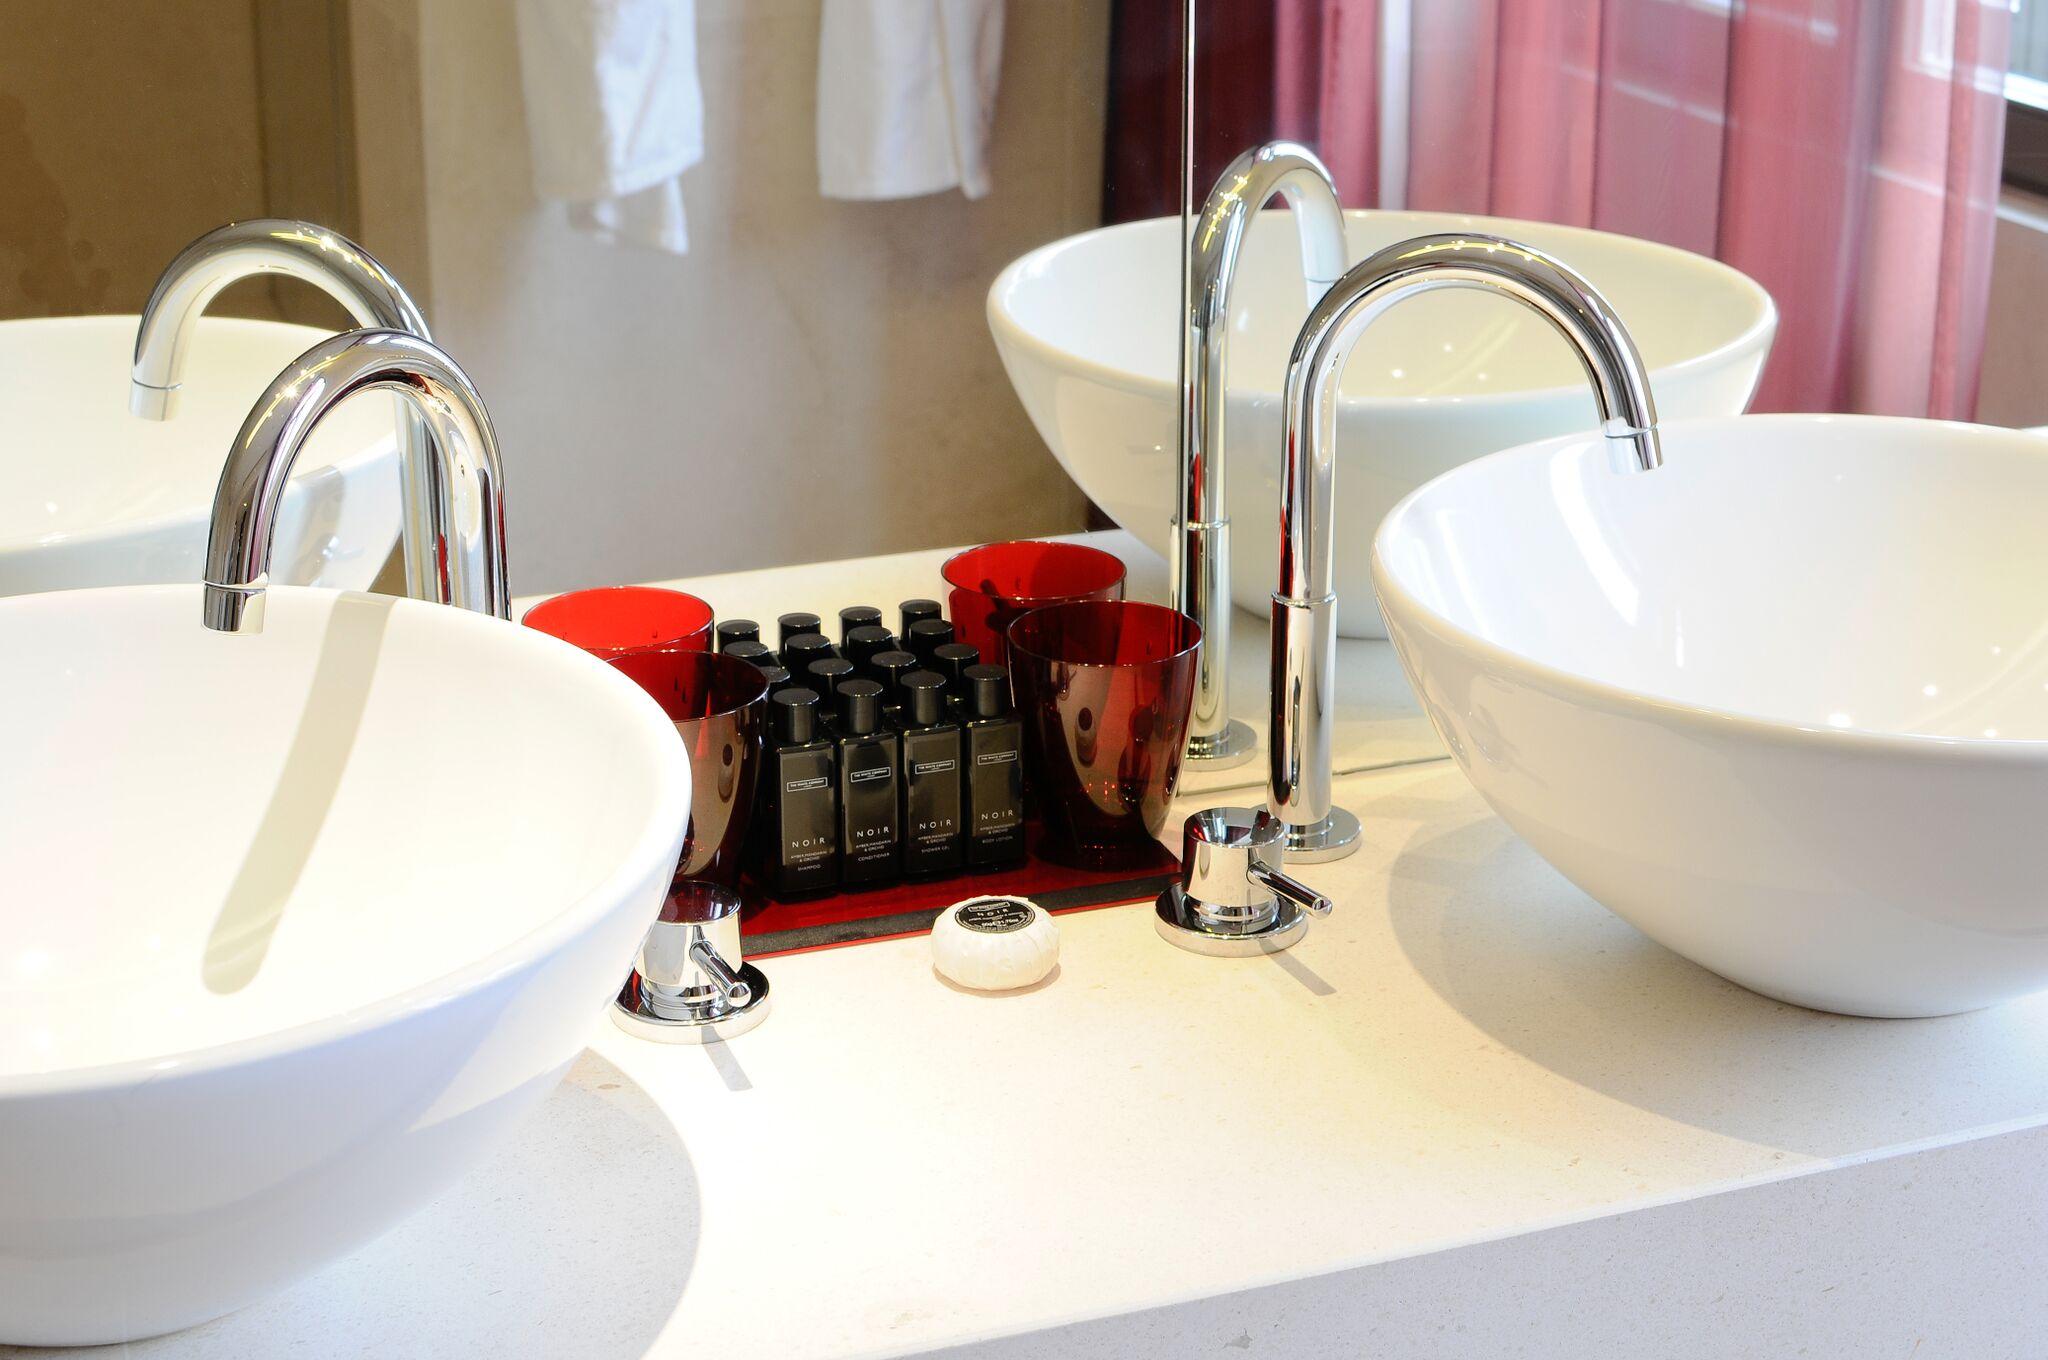 toilet-producat-buddha-bar-hotel-budapest-lustforthesublime